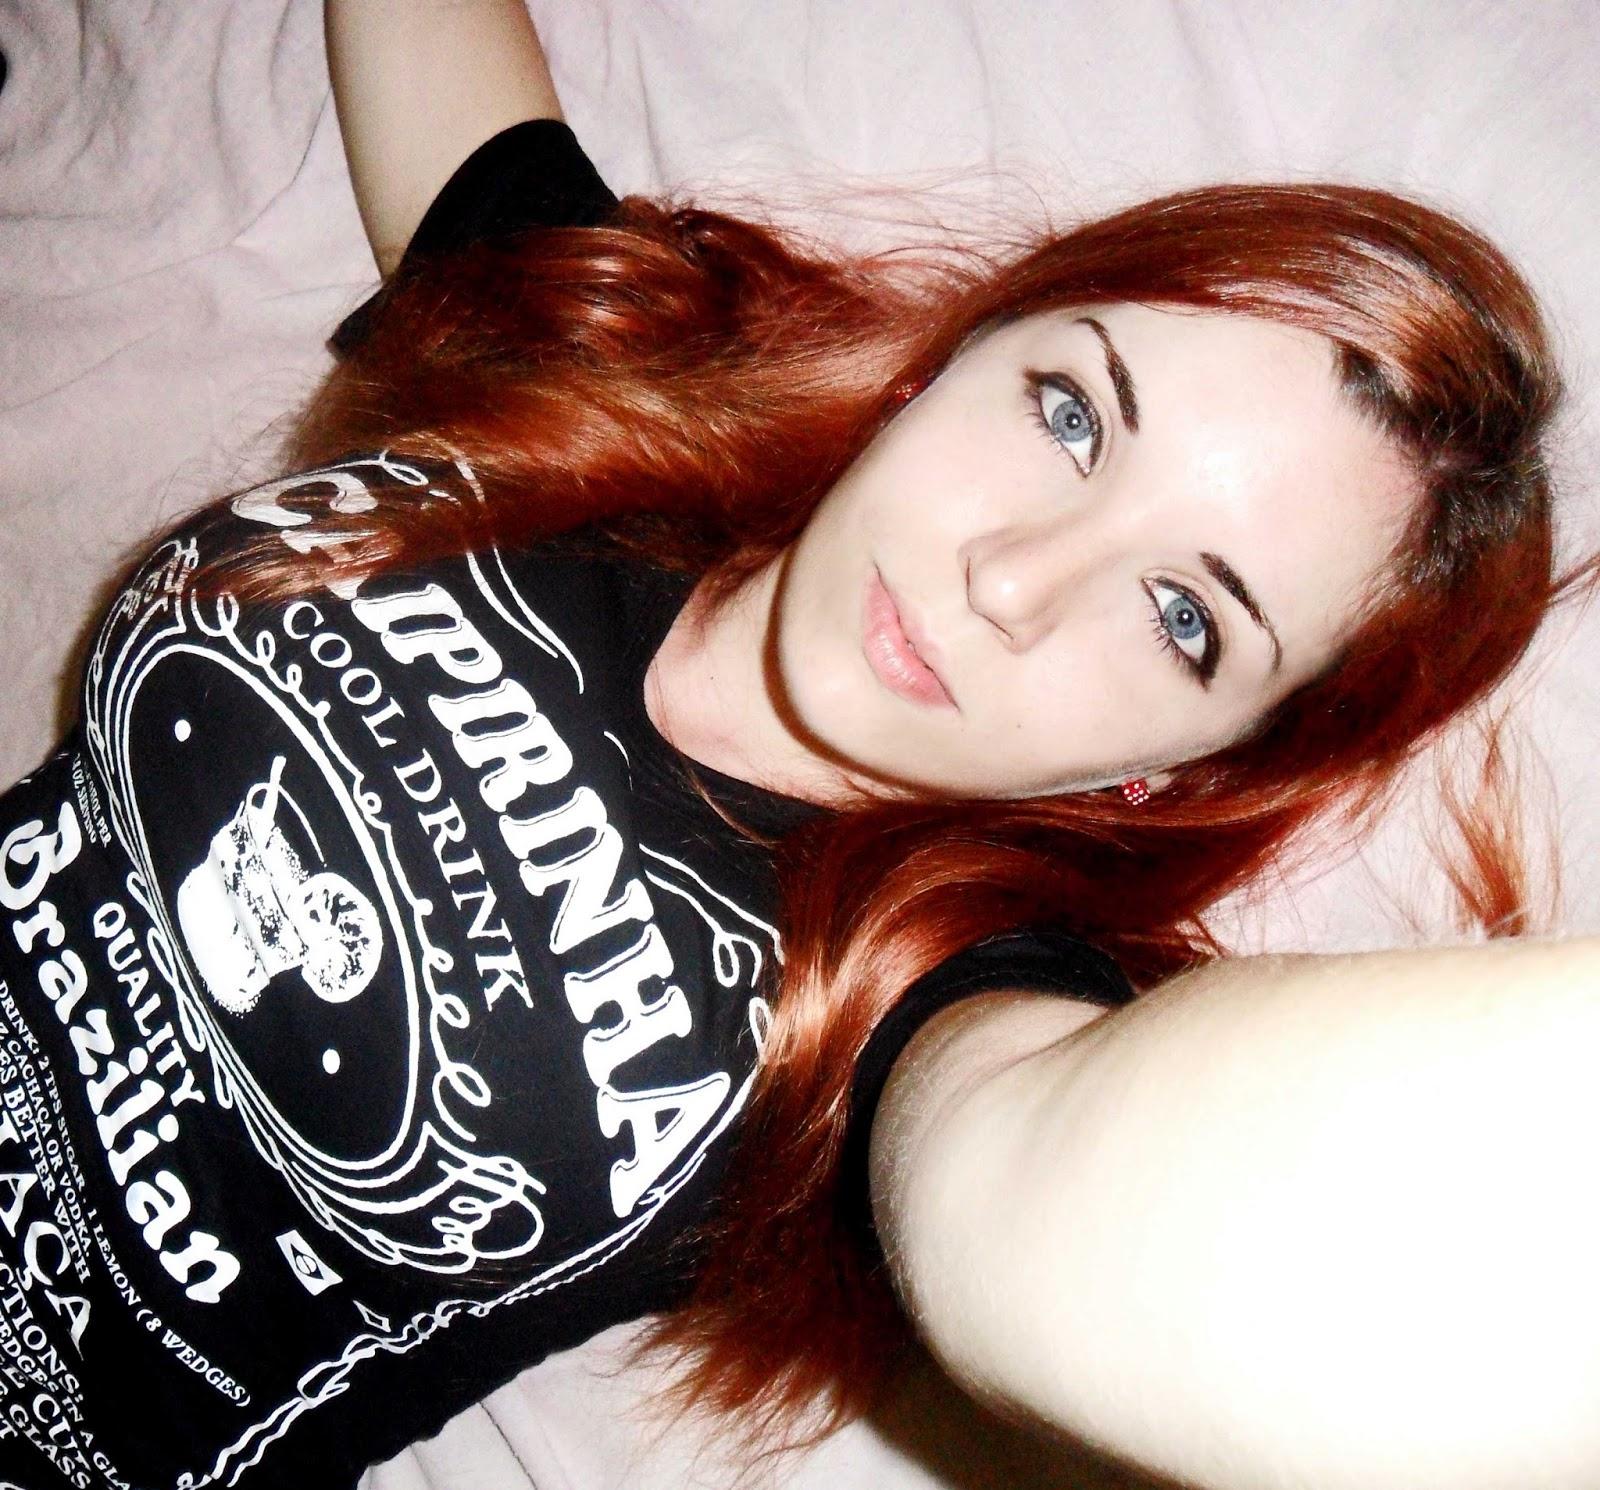 pelo rojo apagado